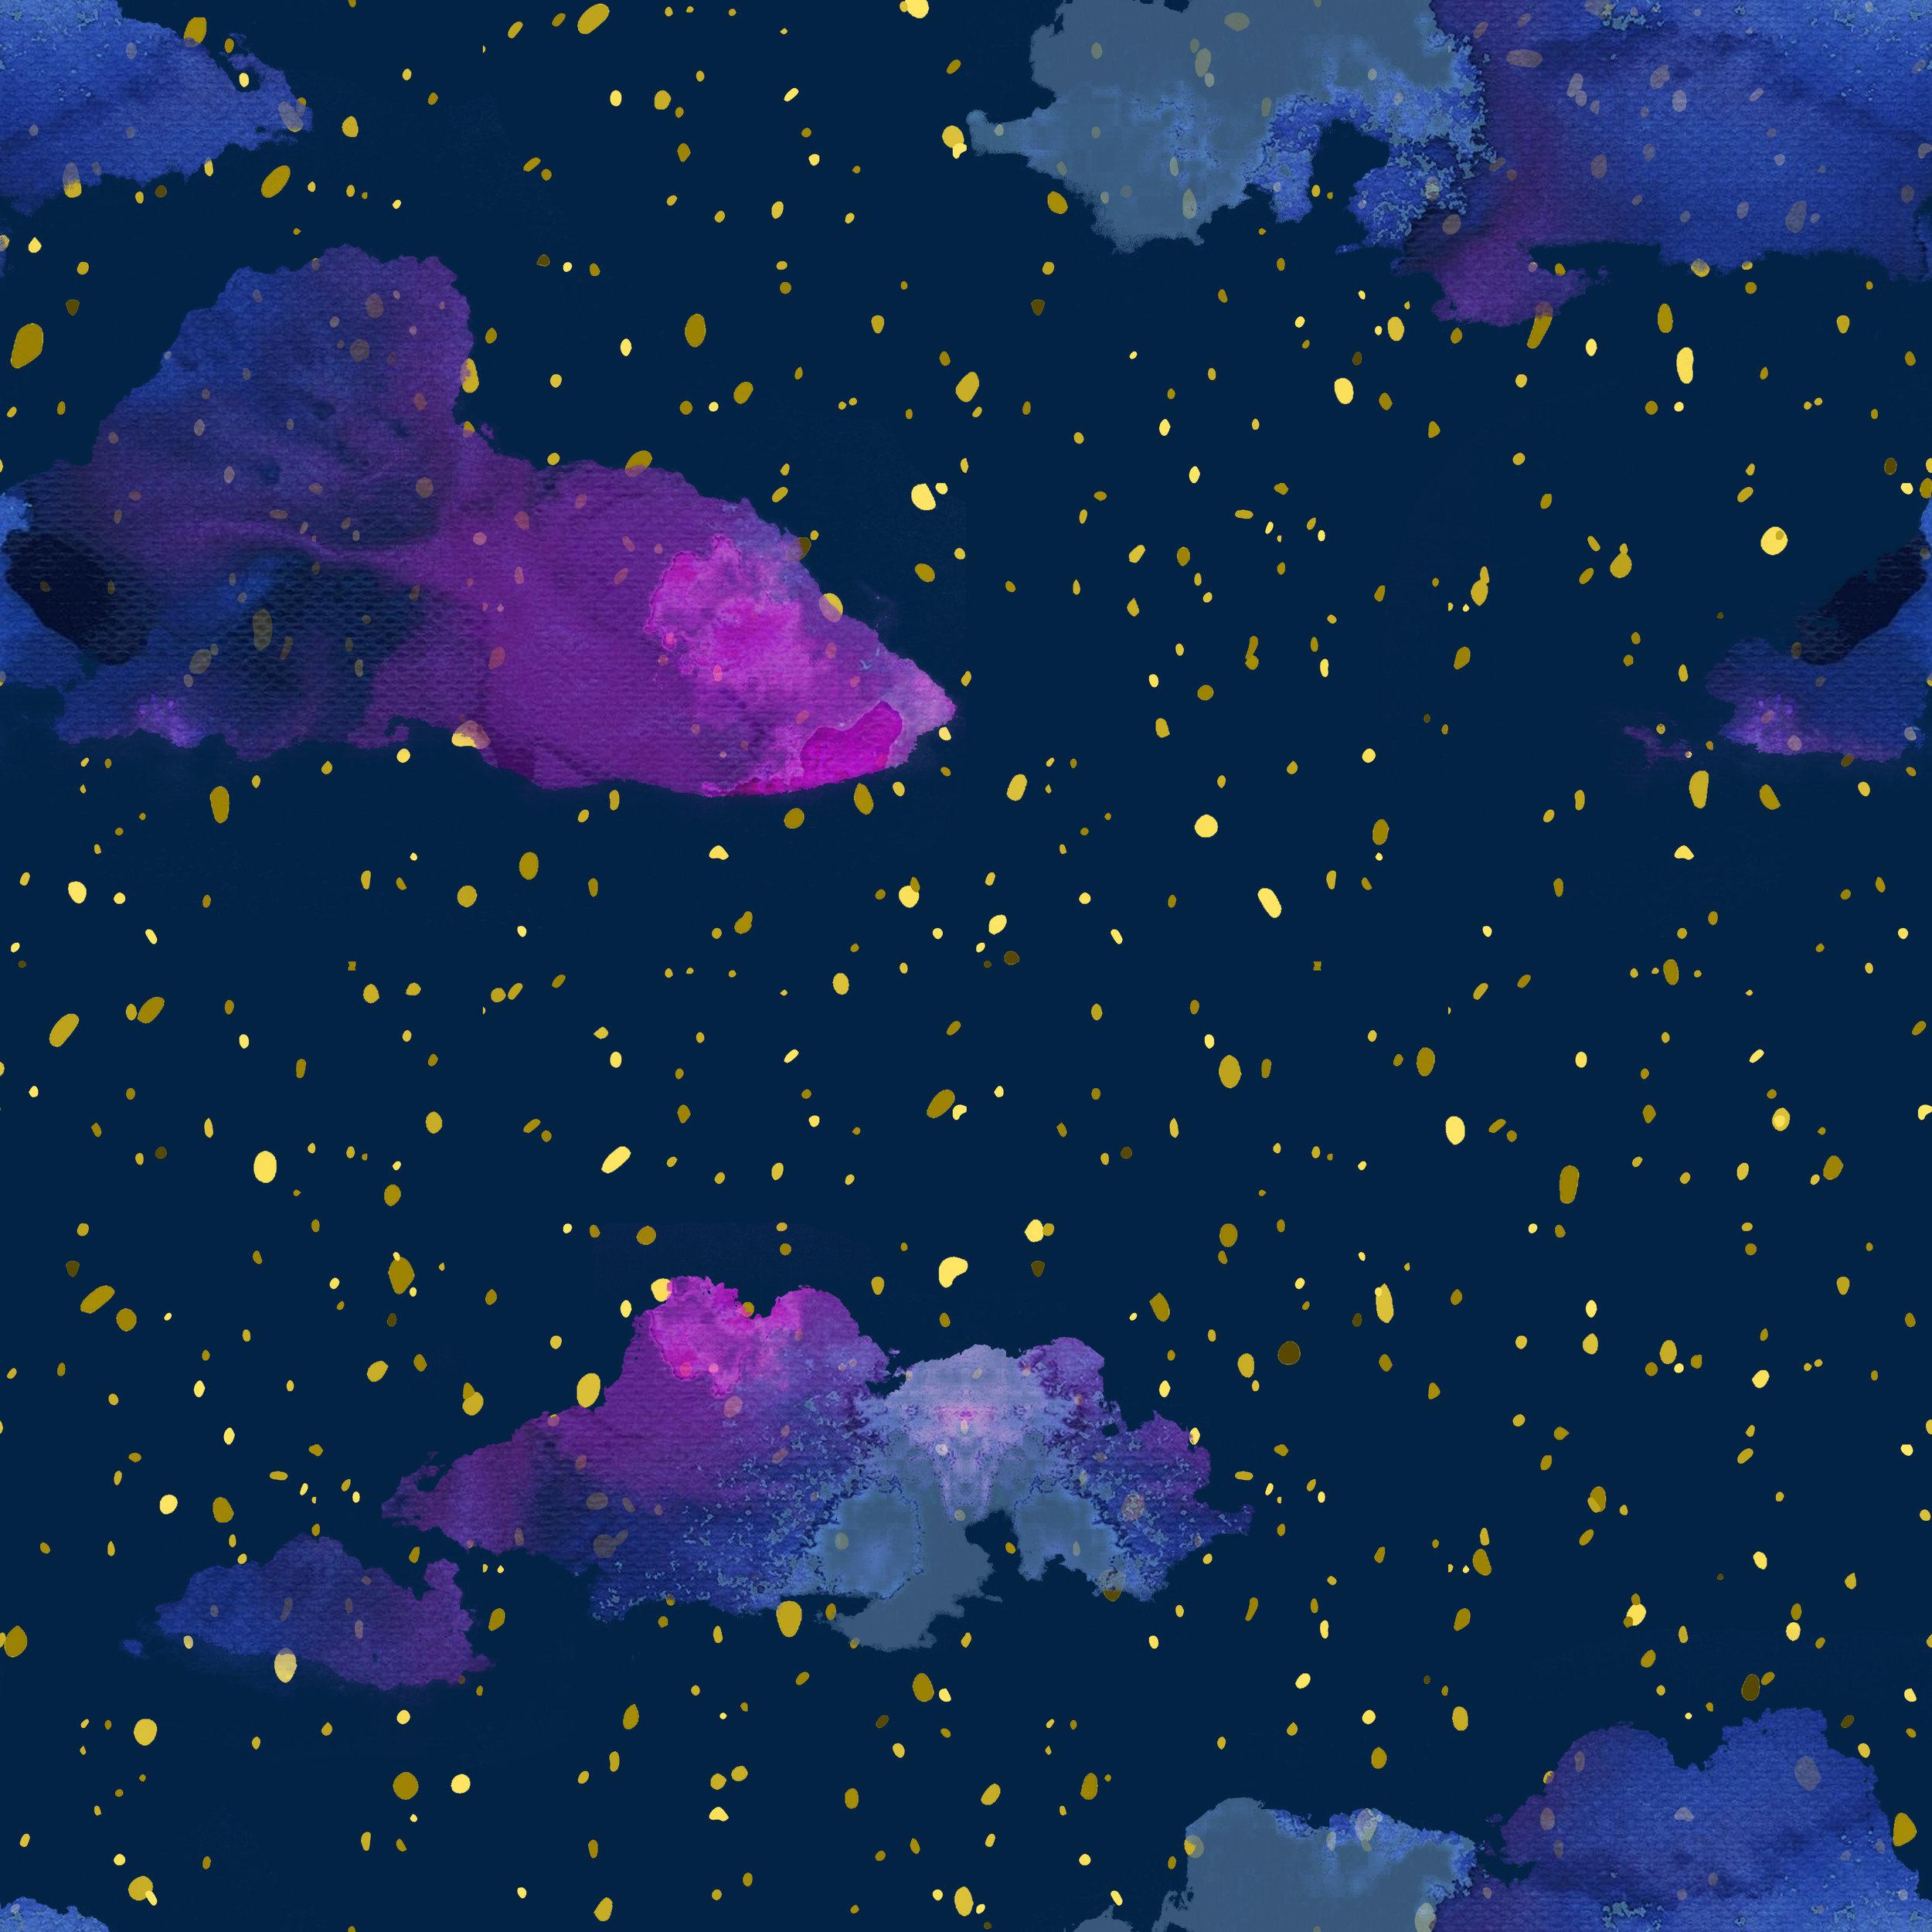 Stars v1.jpg